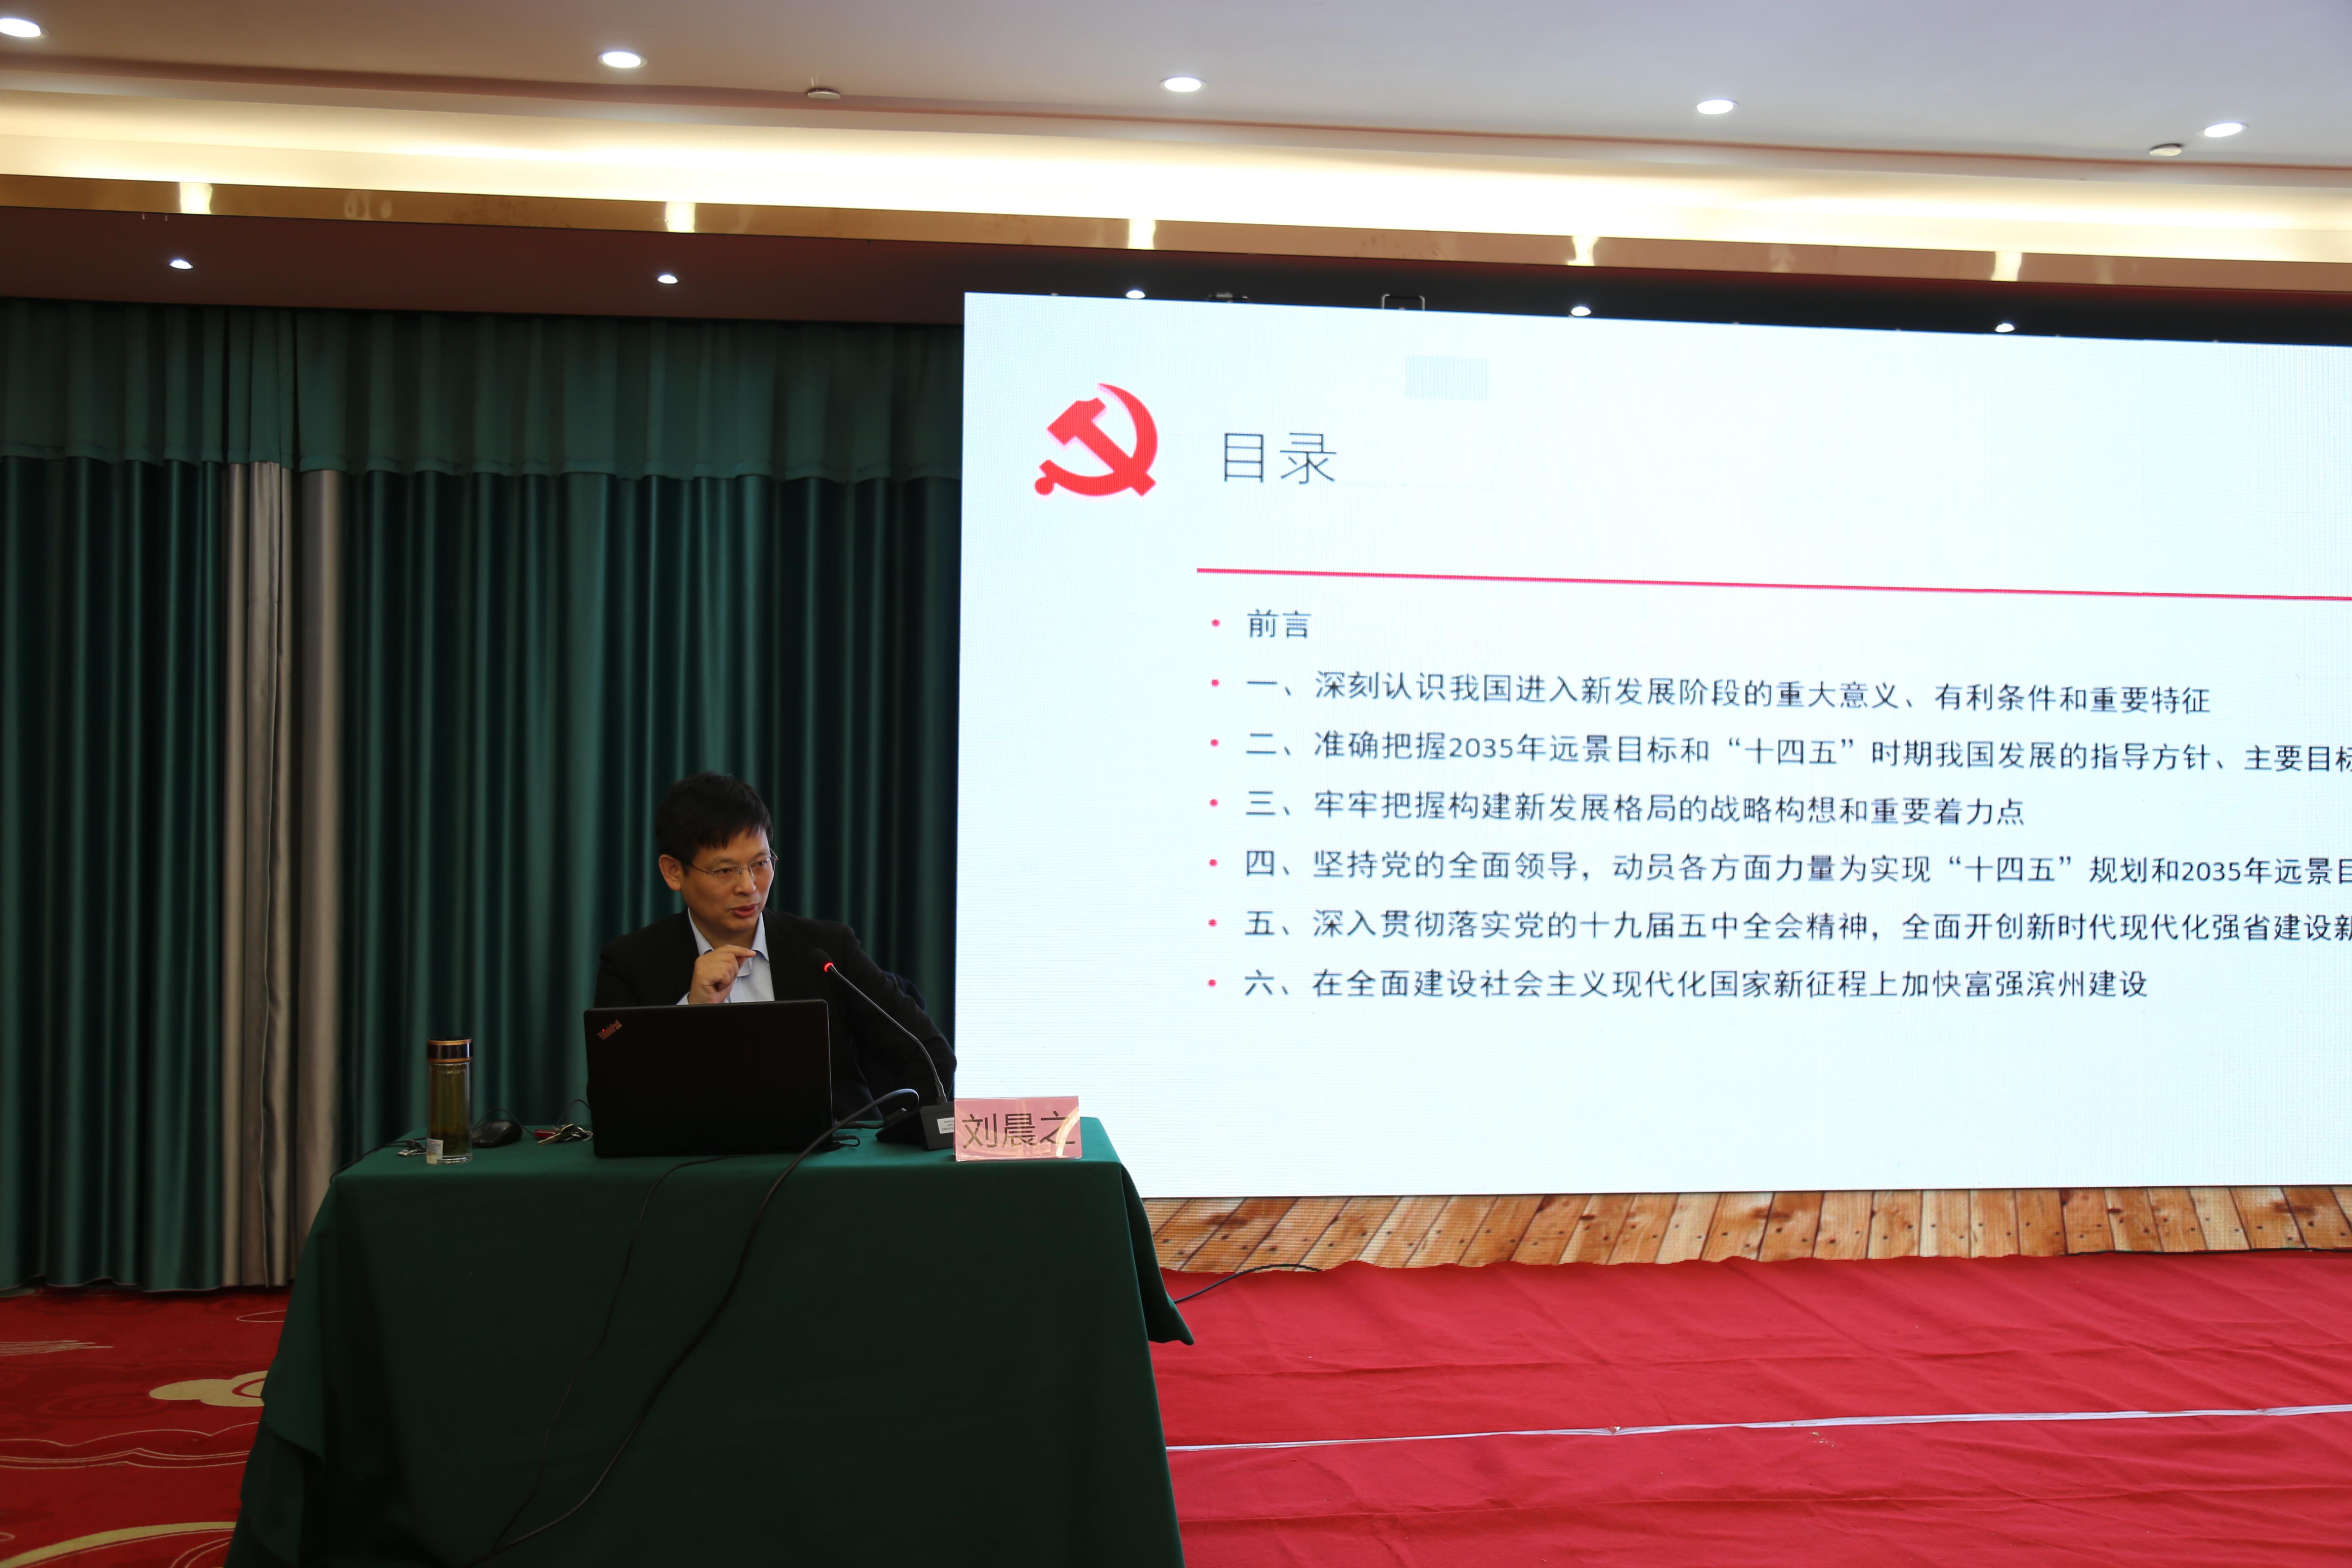 濱州市科協系統基層科協干部第二期培訓班舉辦